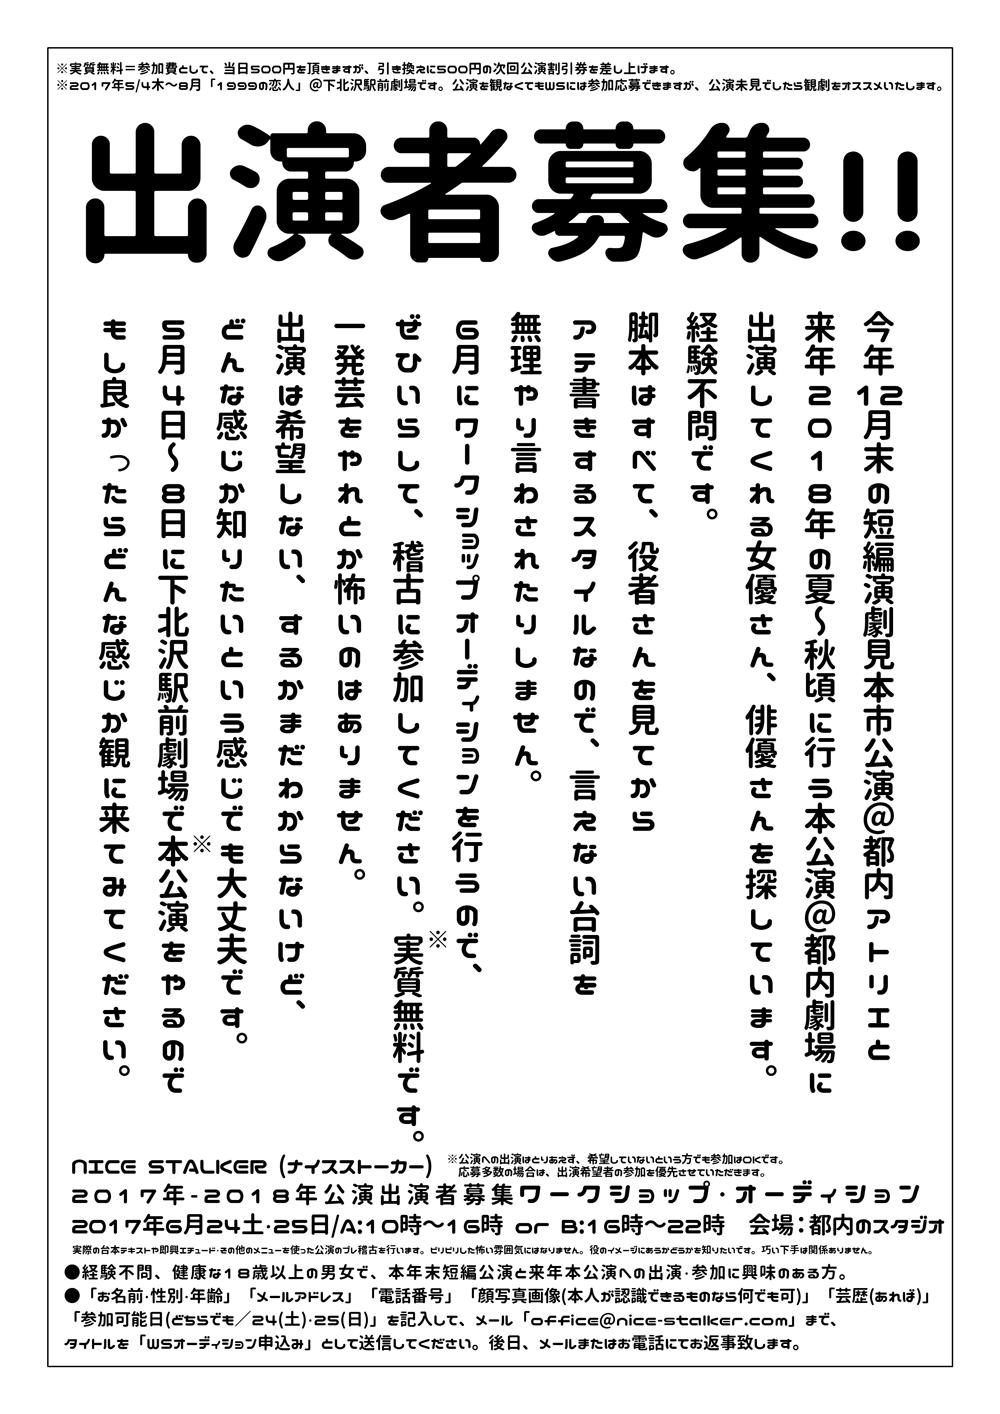 【出演者募集】ワークショップ・オーディション開催【2017年6/24(土)・25(日)】